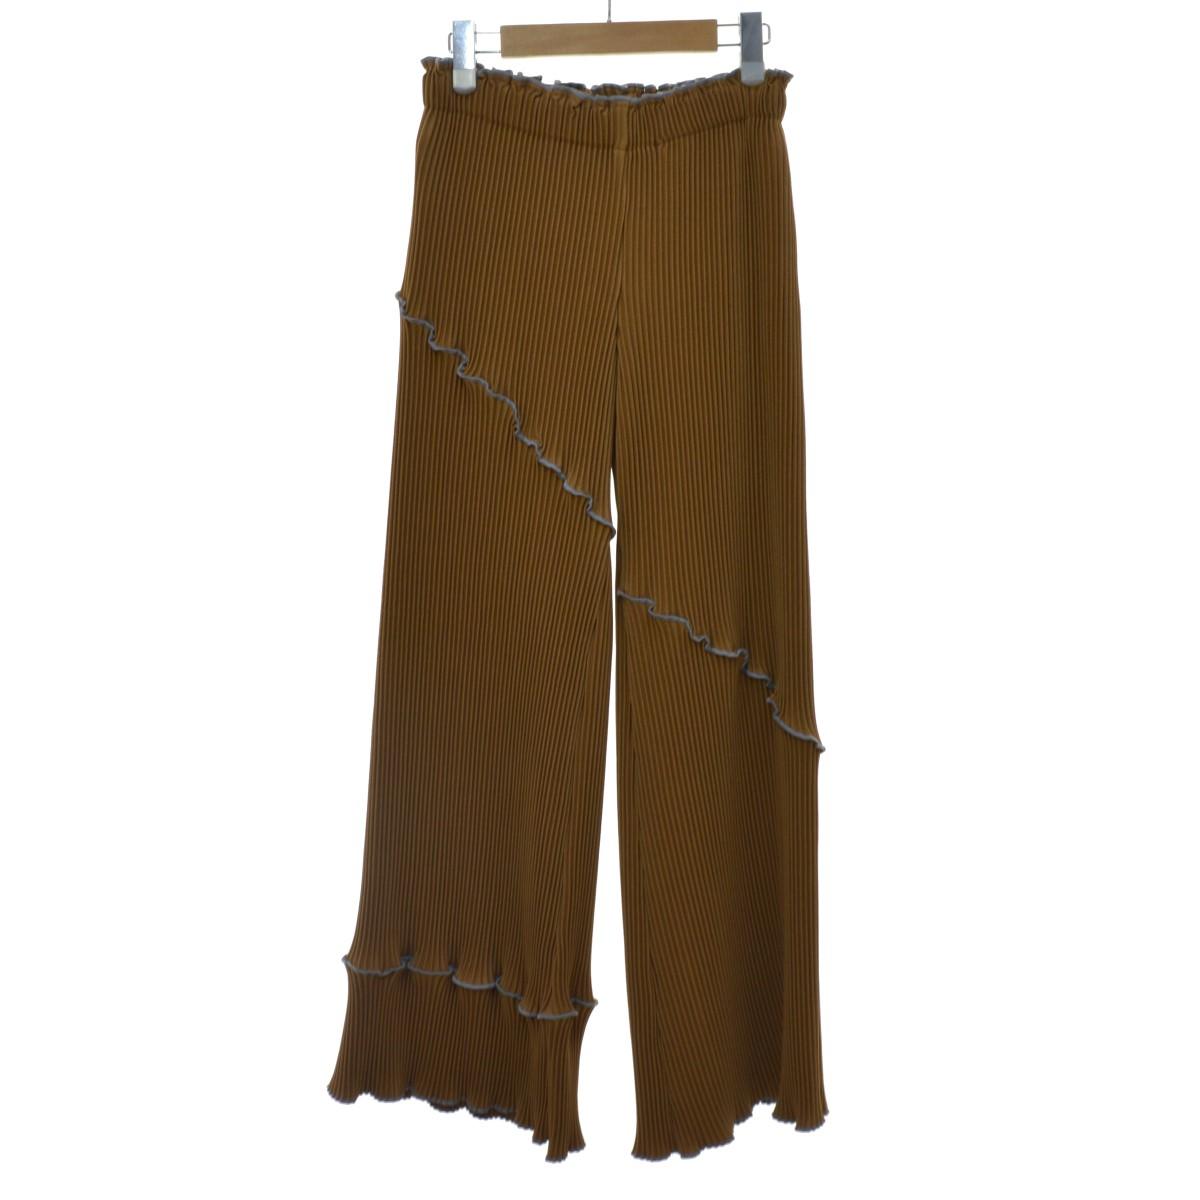 【中古】kotohayokozawa 19AW Pleats pants イージーパンツ ブラウン サイズ:F 【240220】(コトハヨコザワ)